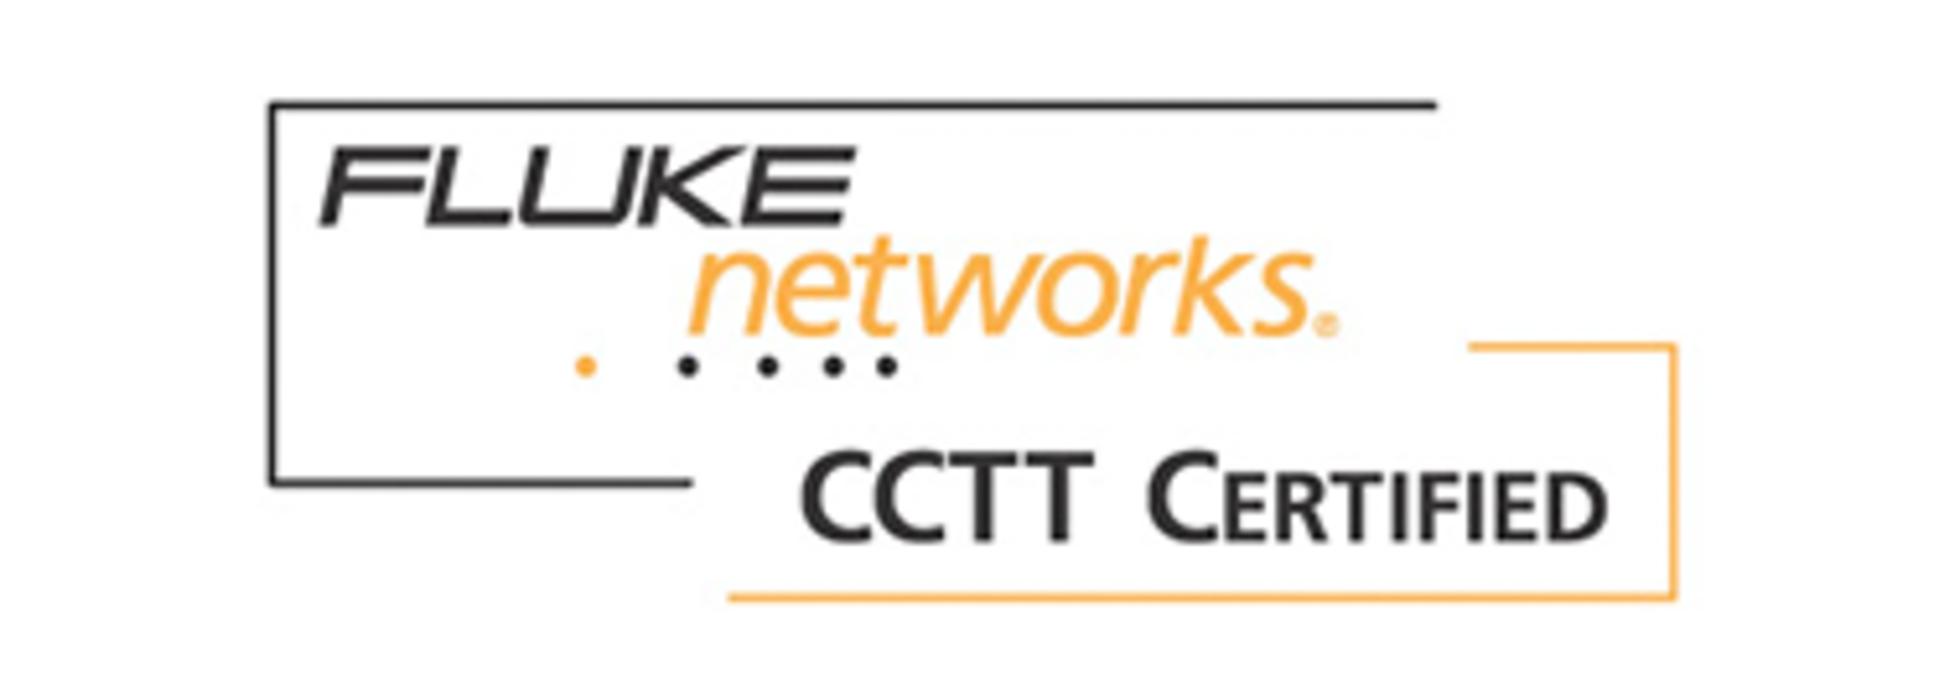 E-Breizh est certifié CCTT FLUKE NETWORKS flu